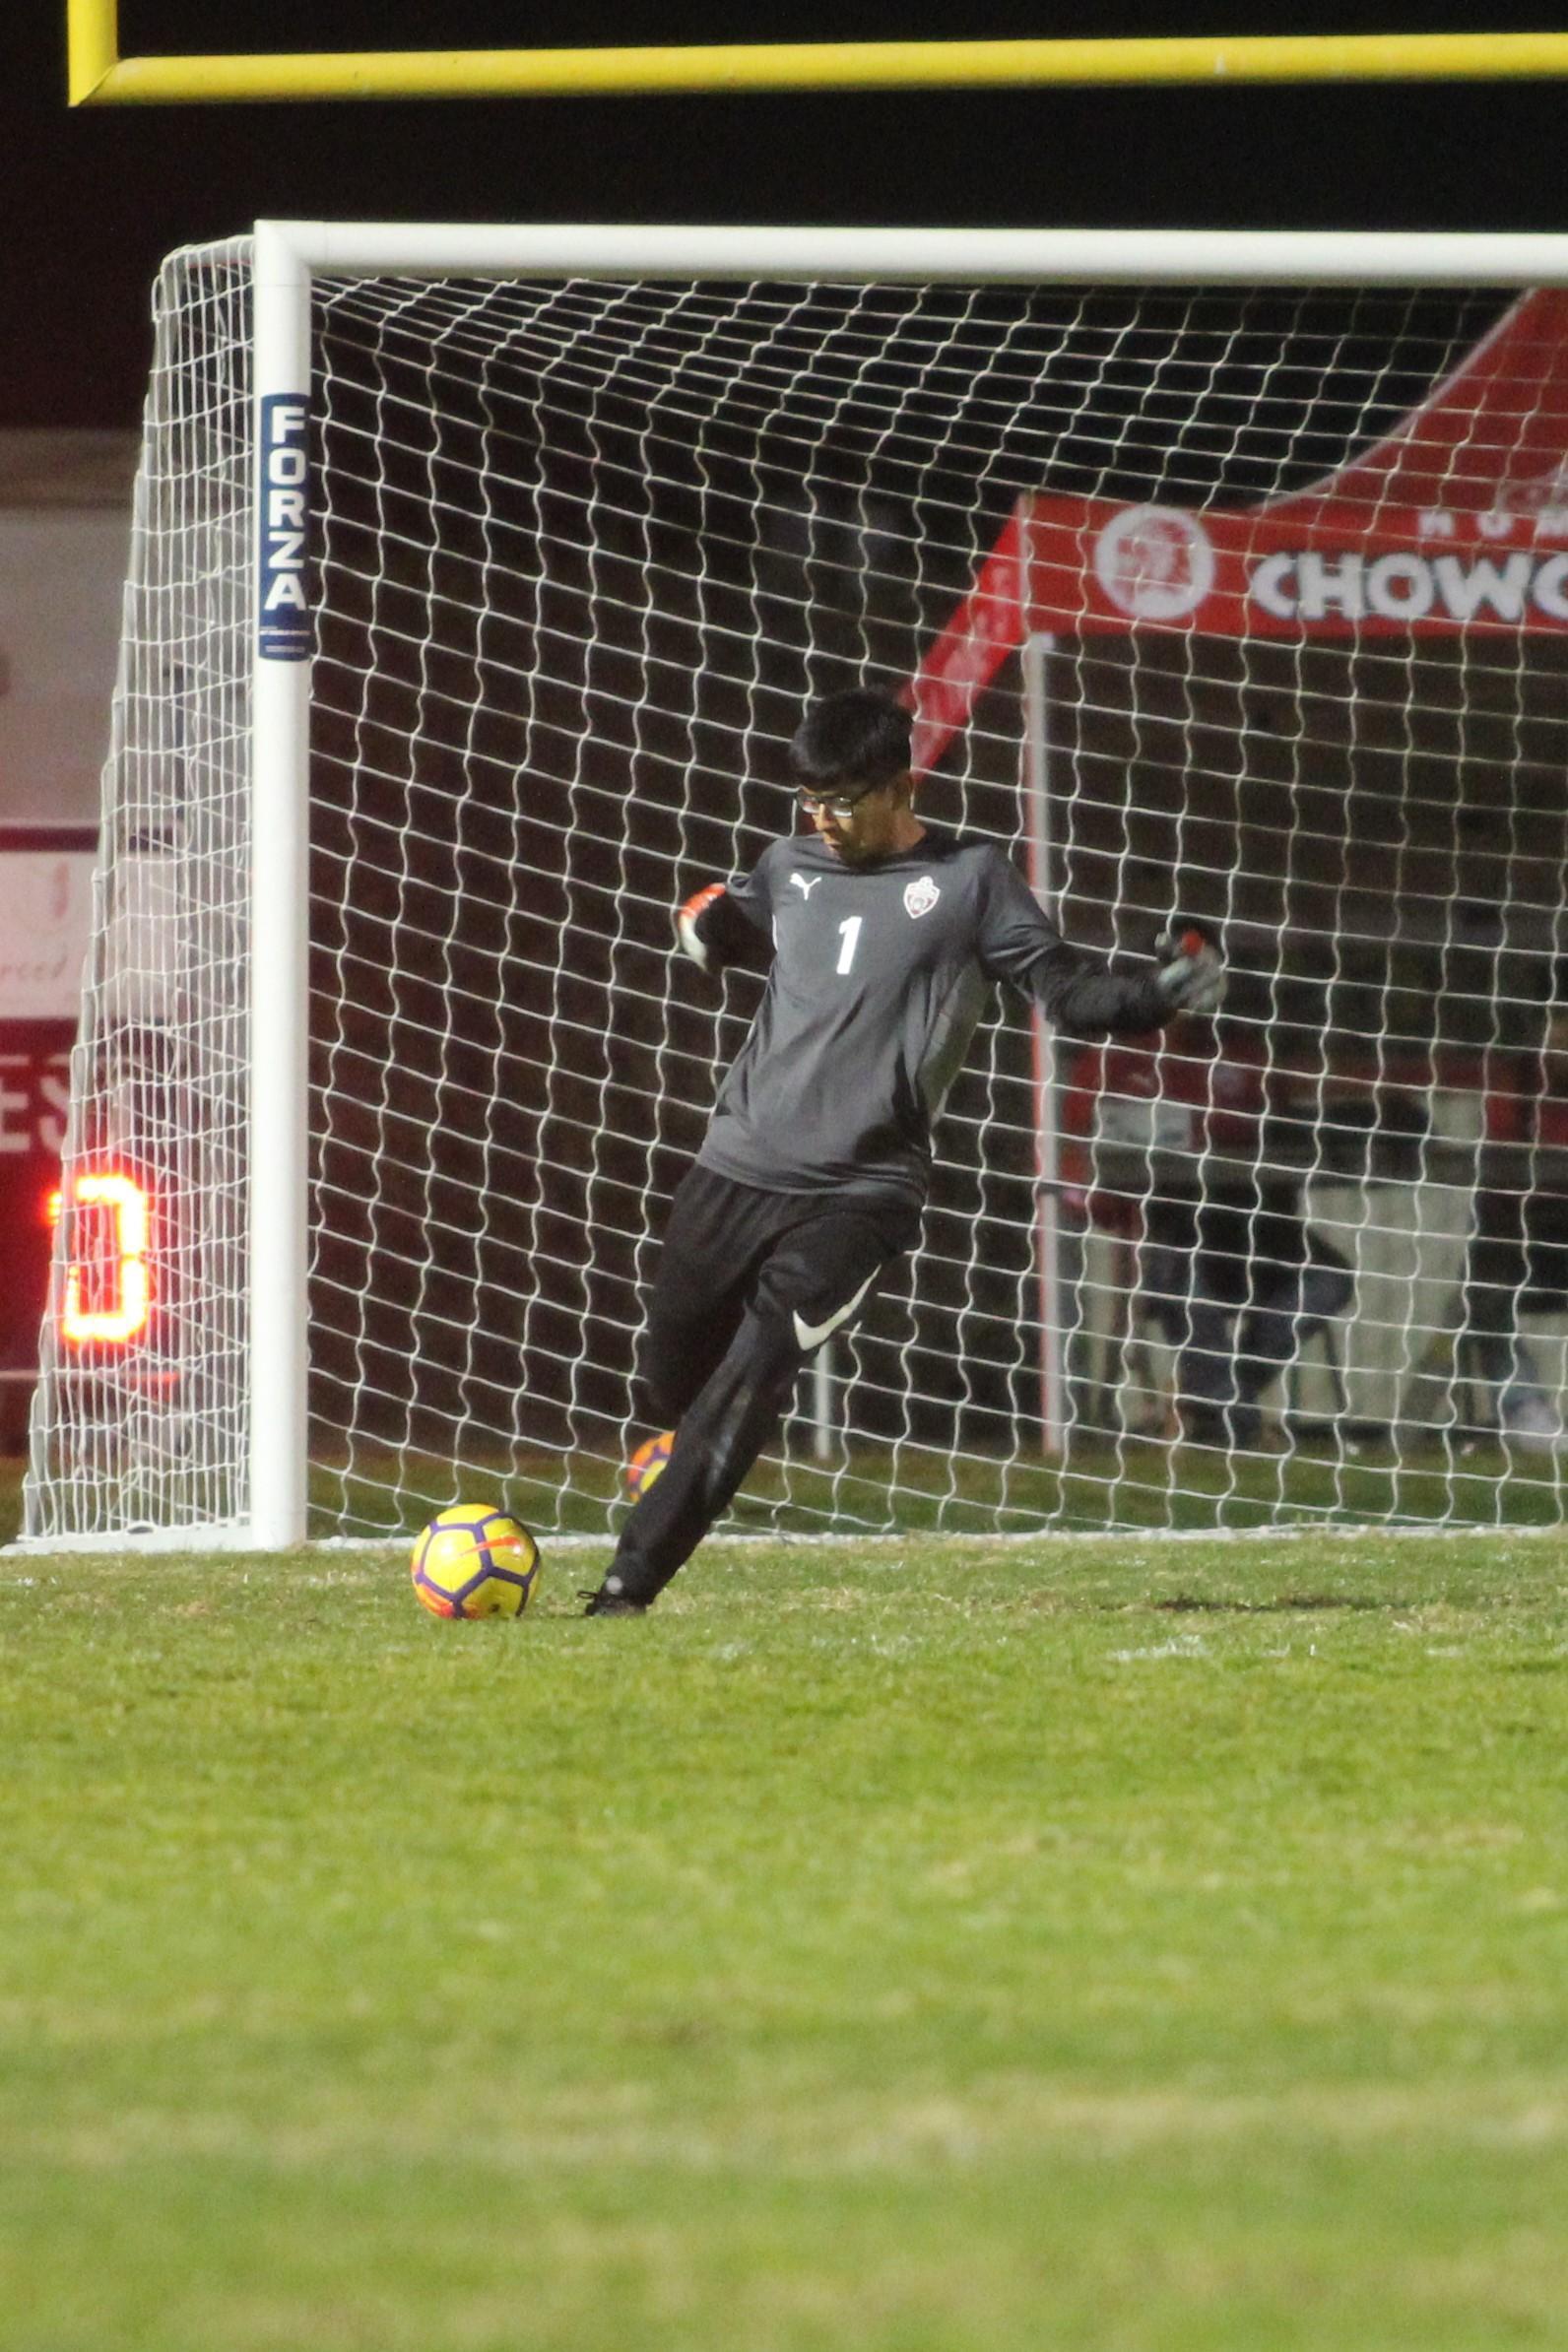 Goalie stops ball